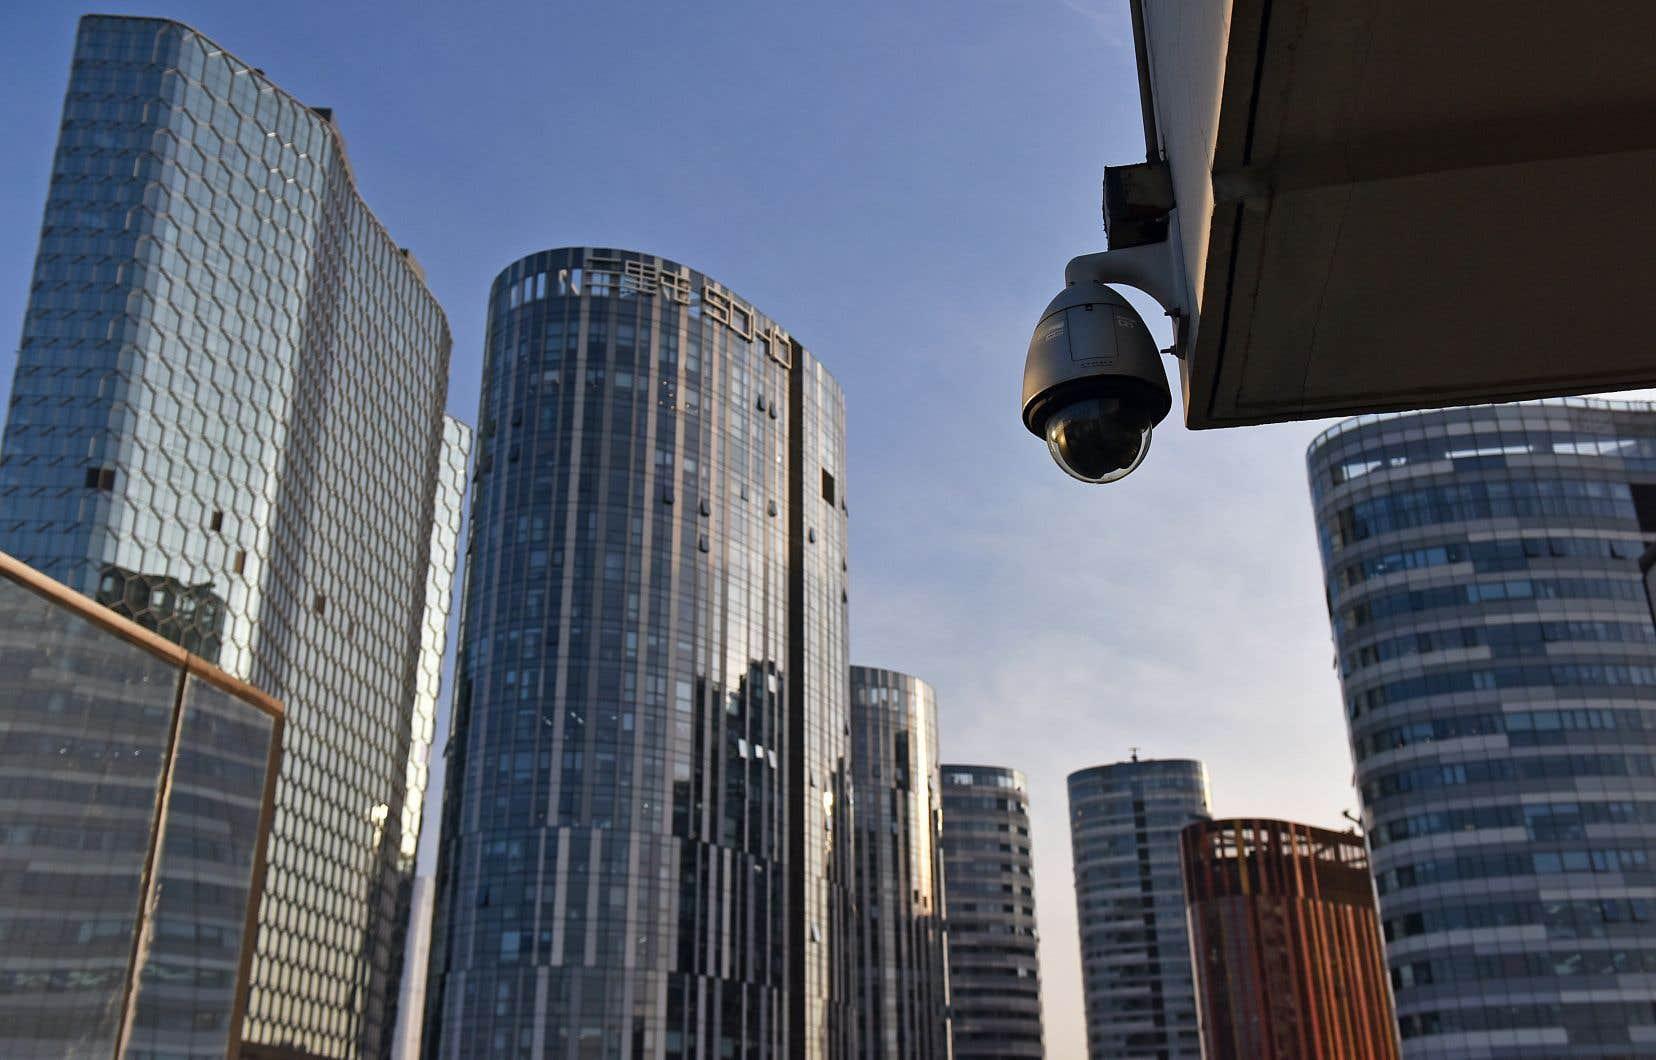 Le logiciel de reconnaissance faciale et 170 millions de caméras de surveillance permettent d'identifier 1,37 milliard de Chinois en l'espace de quelques minutes.